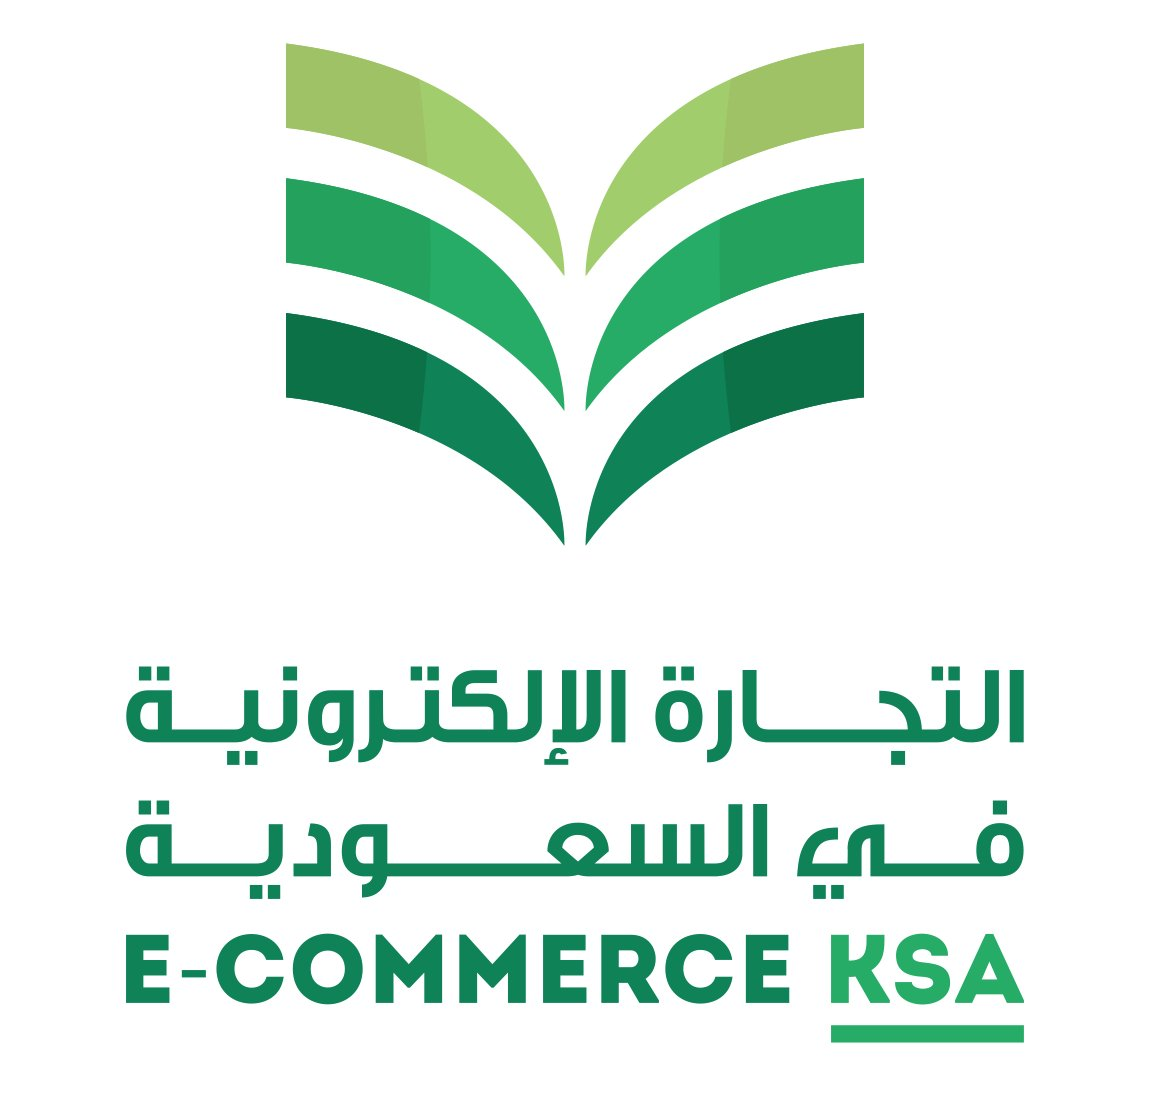 Image result for التجارة الإلكترونية في المملكة العربية السعودية